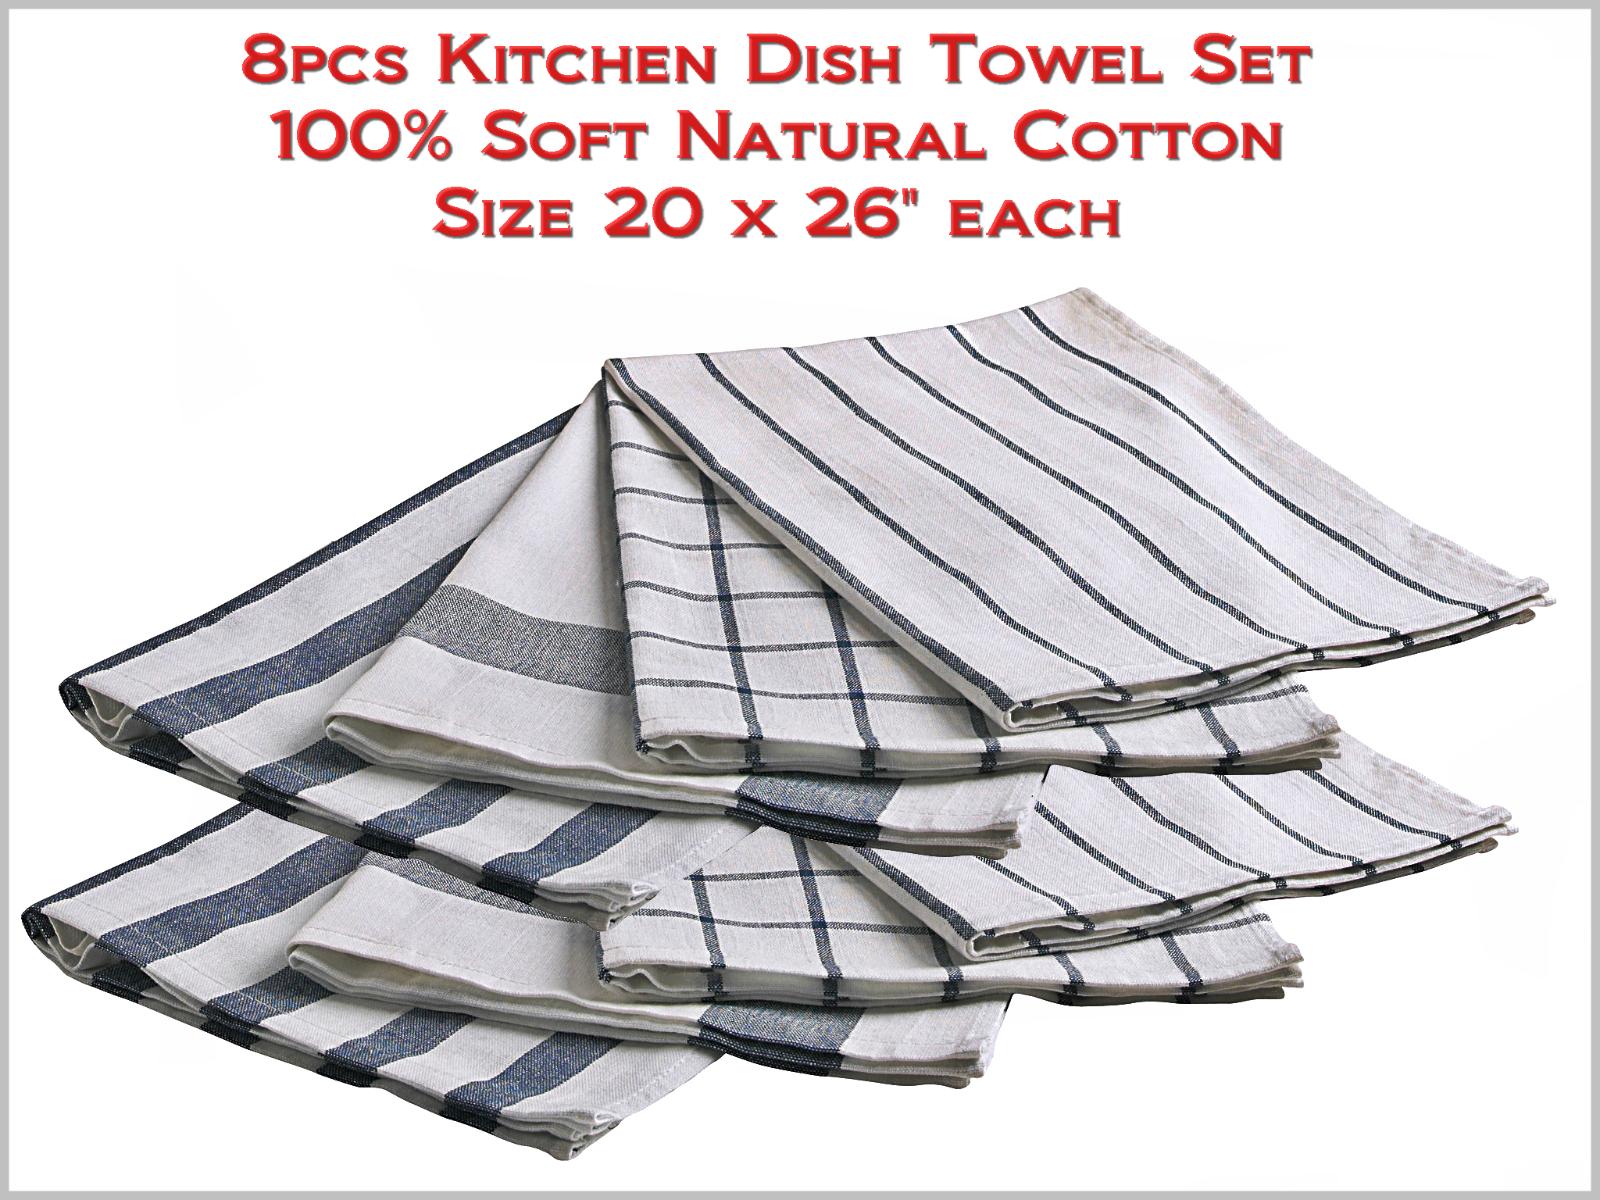 Cuisine Torchons Set 100% Souple Coton Naturel Taille 20  x 26  chaque - 8pcs NEUF